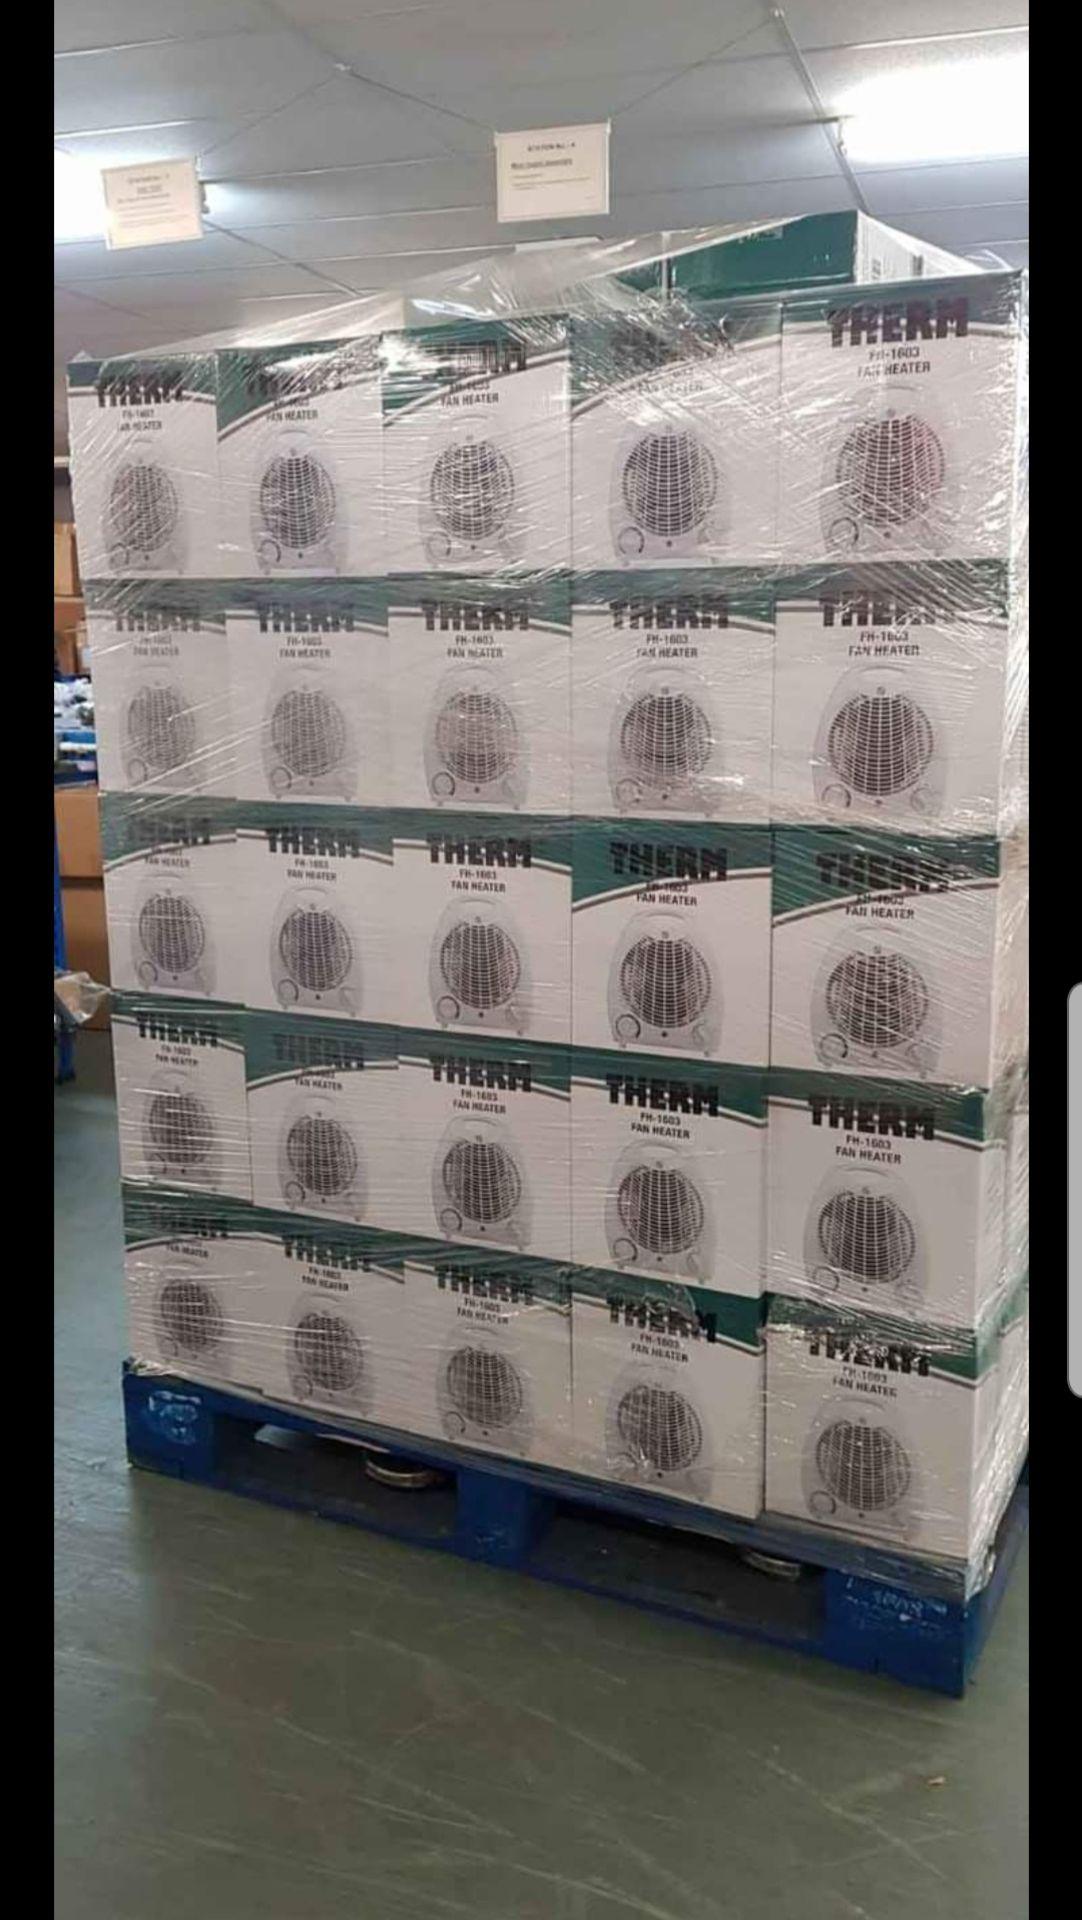 25 x 2kw fan heaters - Image 3 of 3